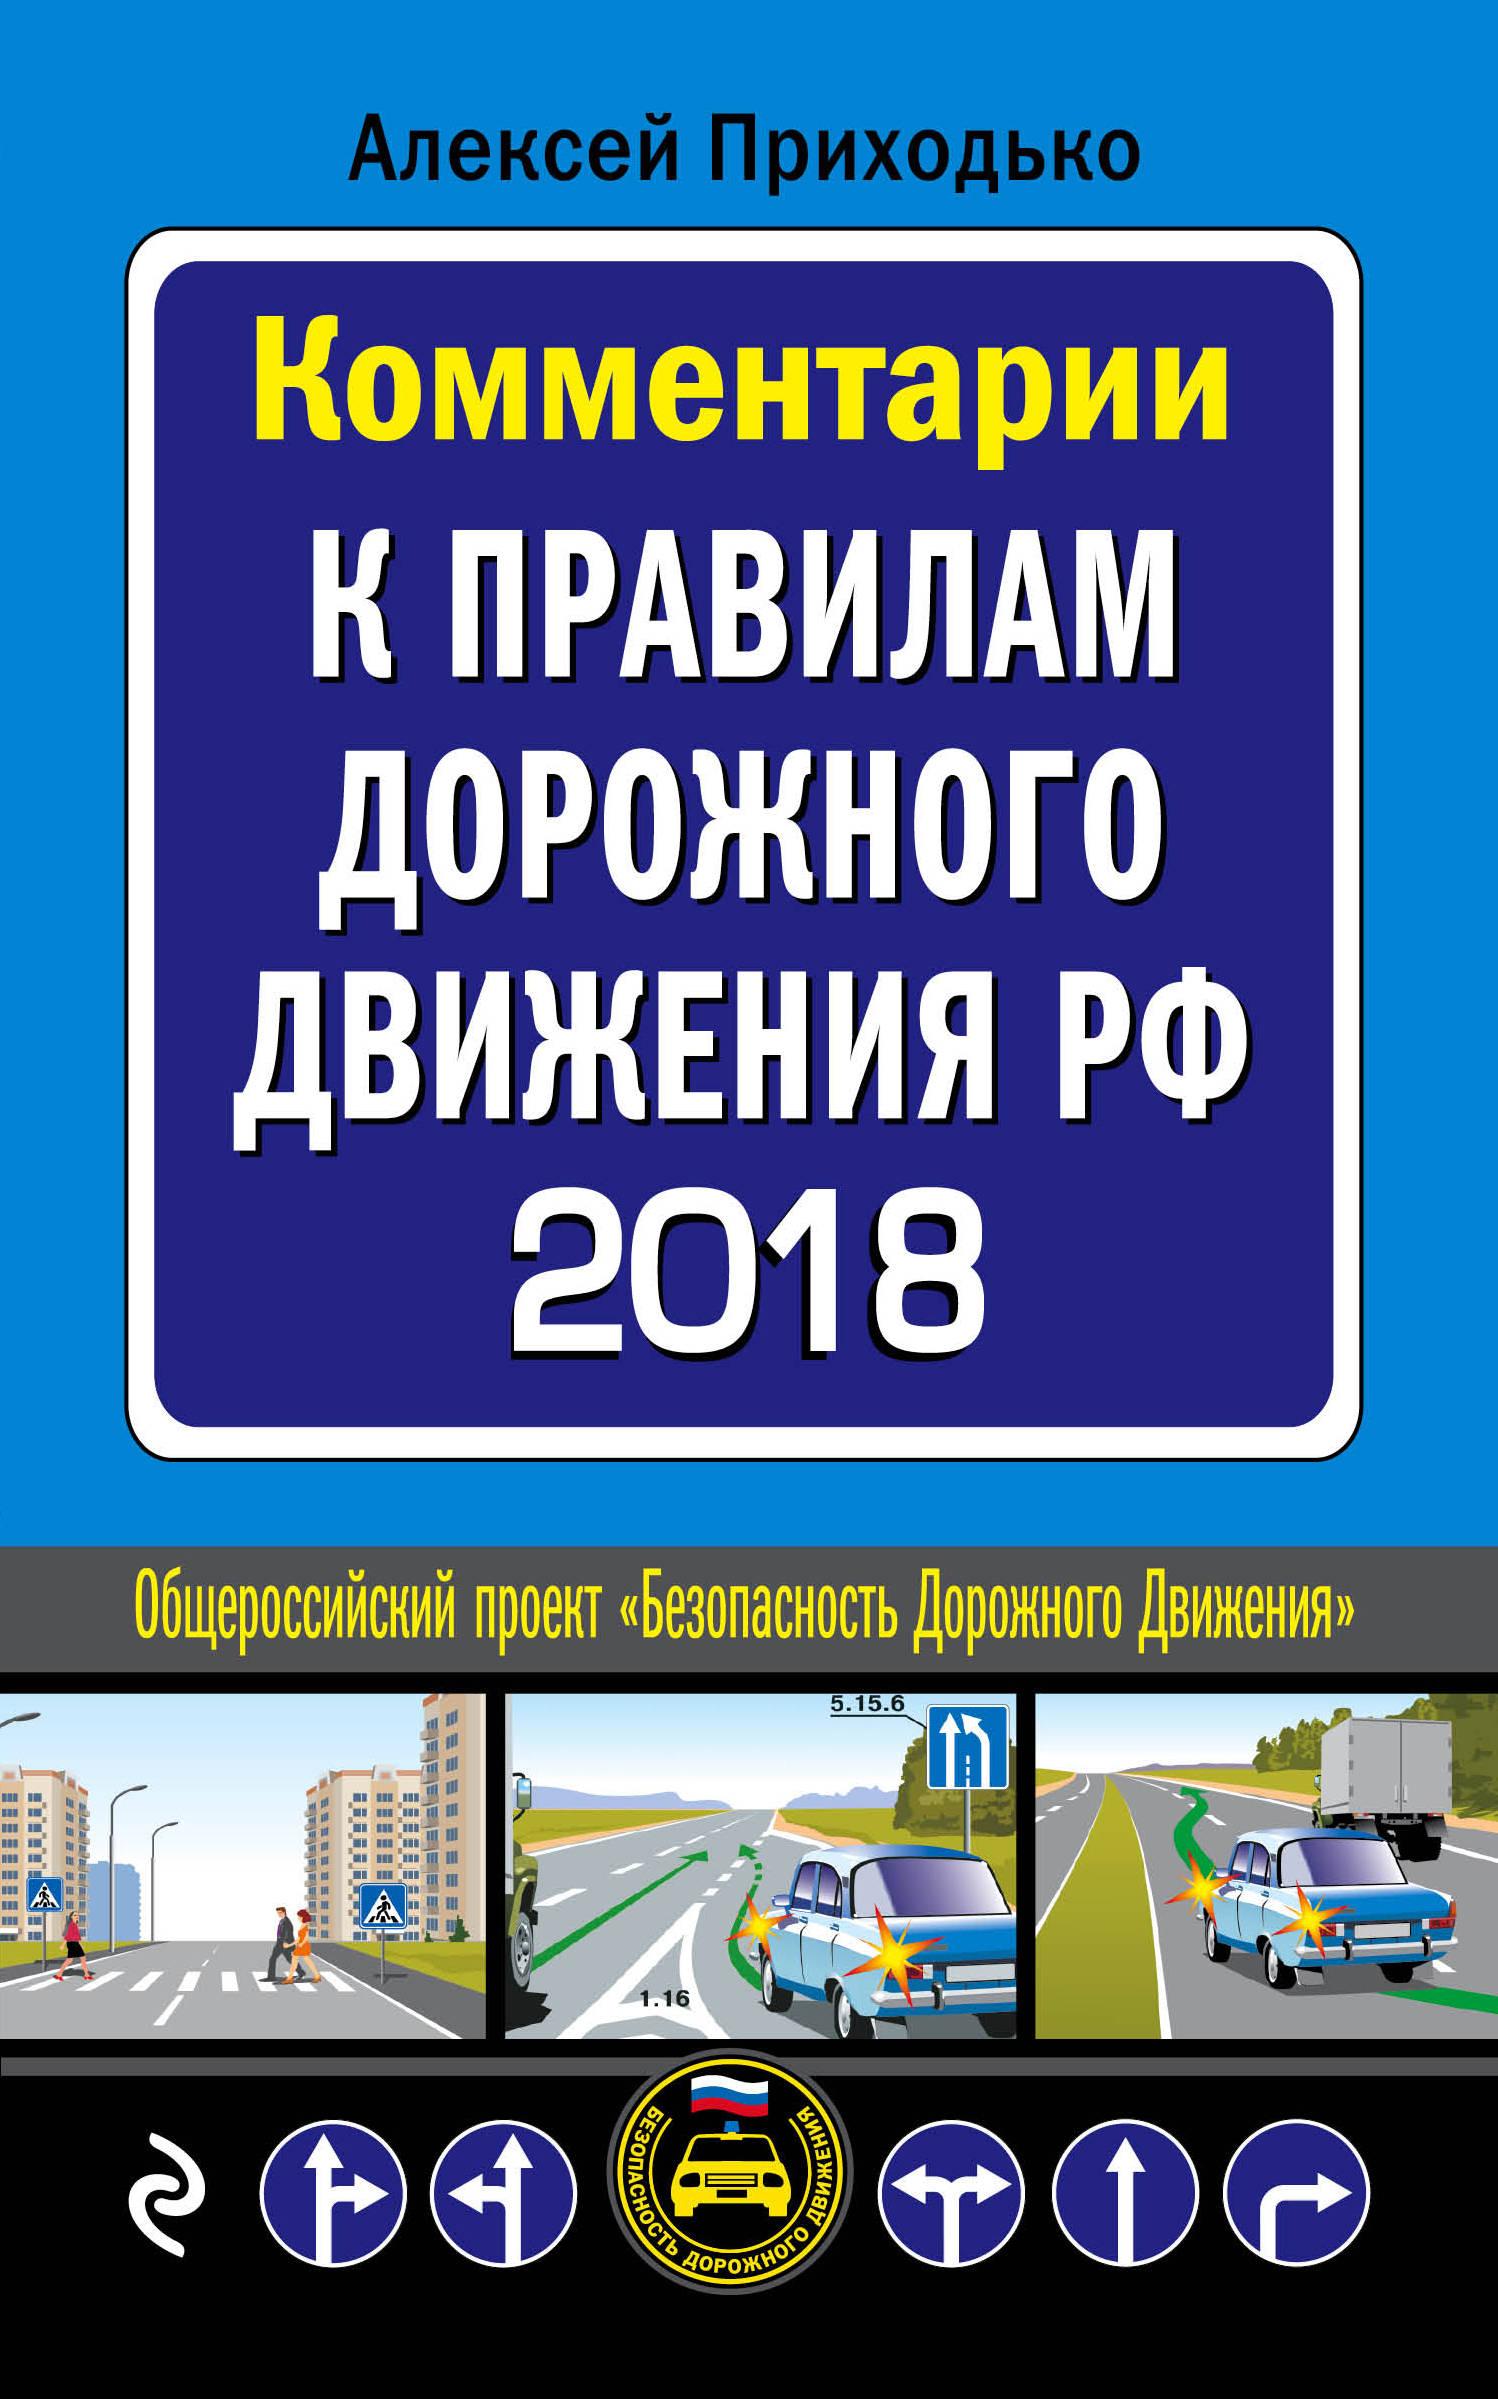 Алексей Приходько Комментарии к Правилам дорожного движения РФ с последними изменениями на 2018 год